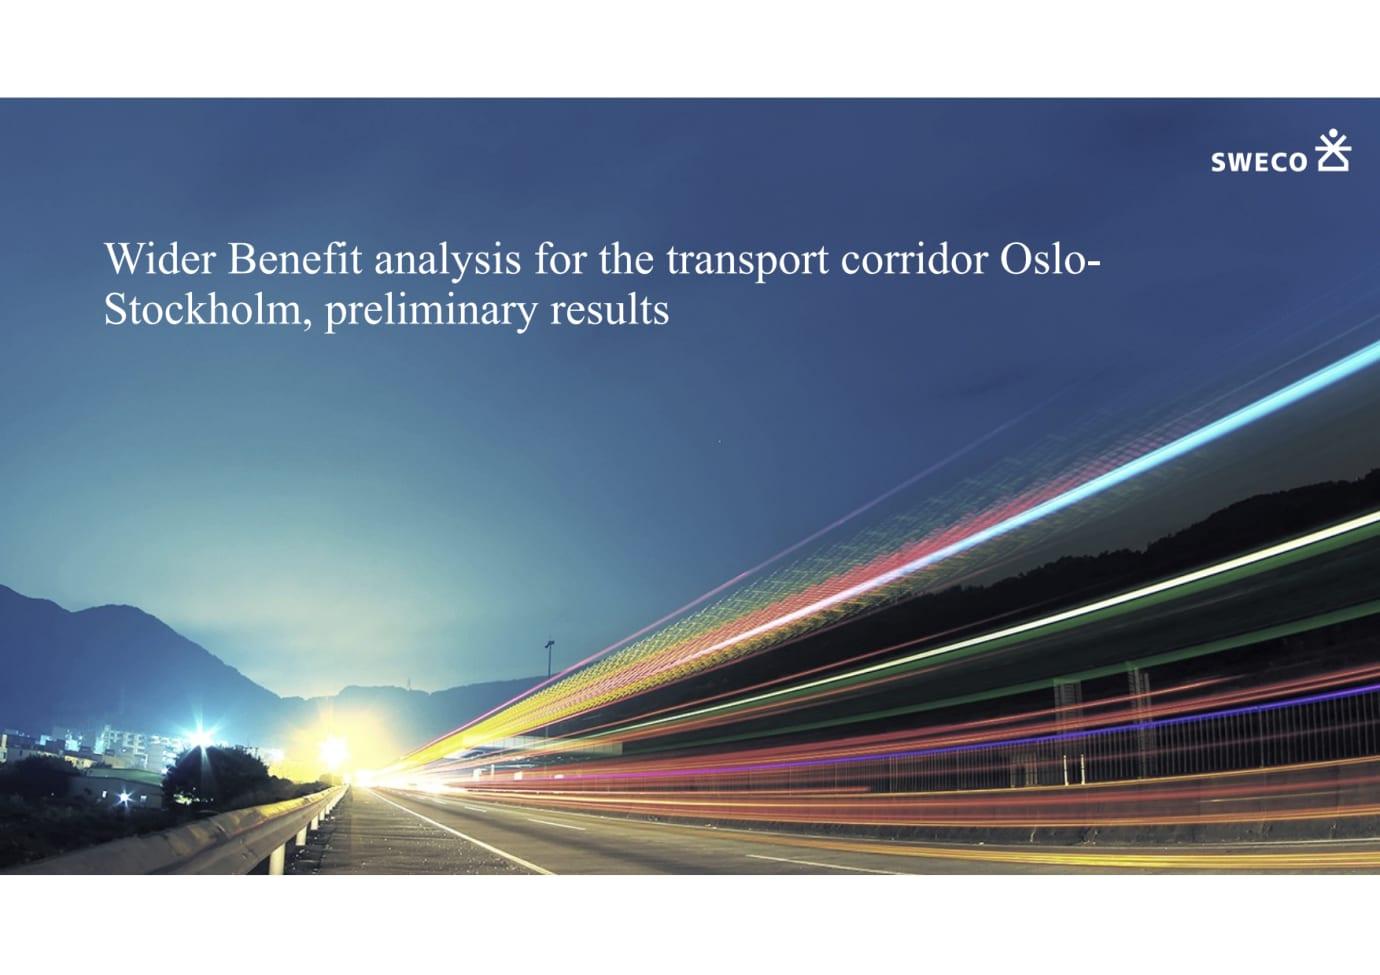 Wider-benefit-analysis presentation in English